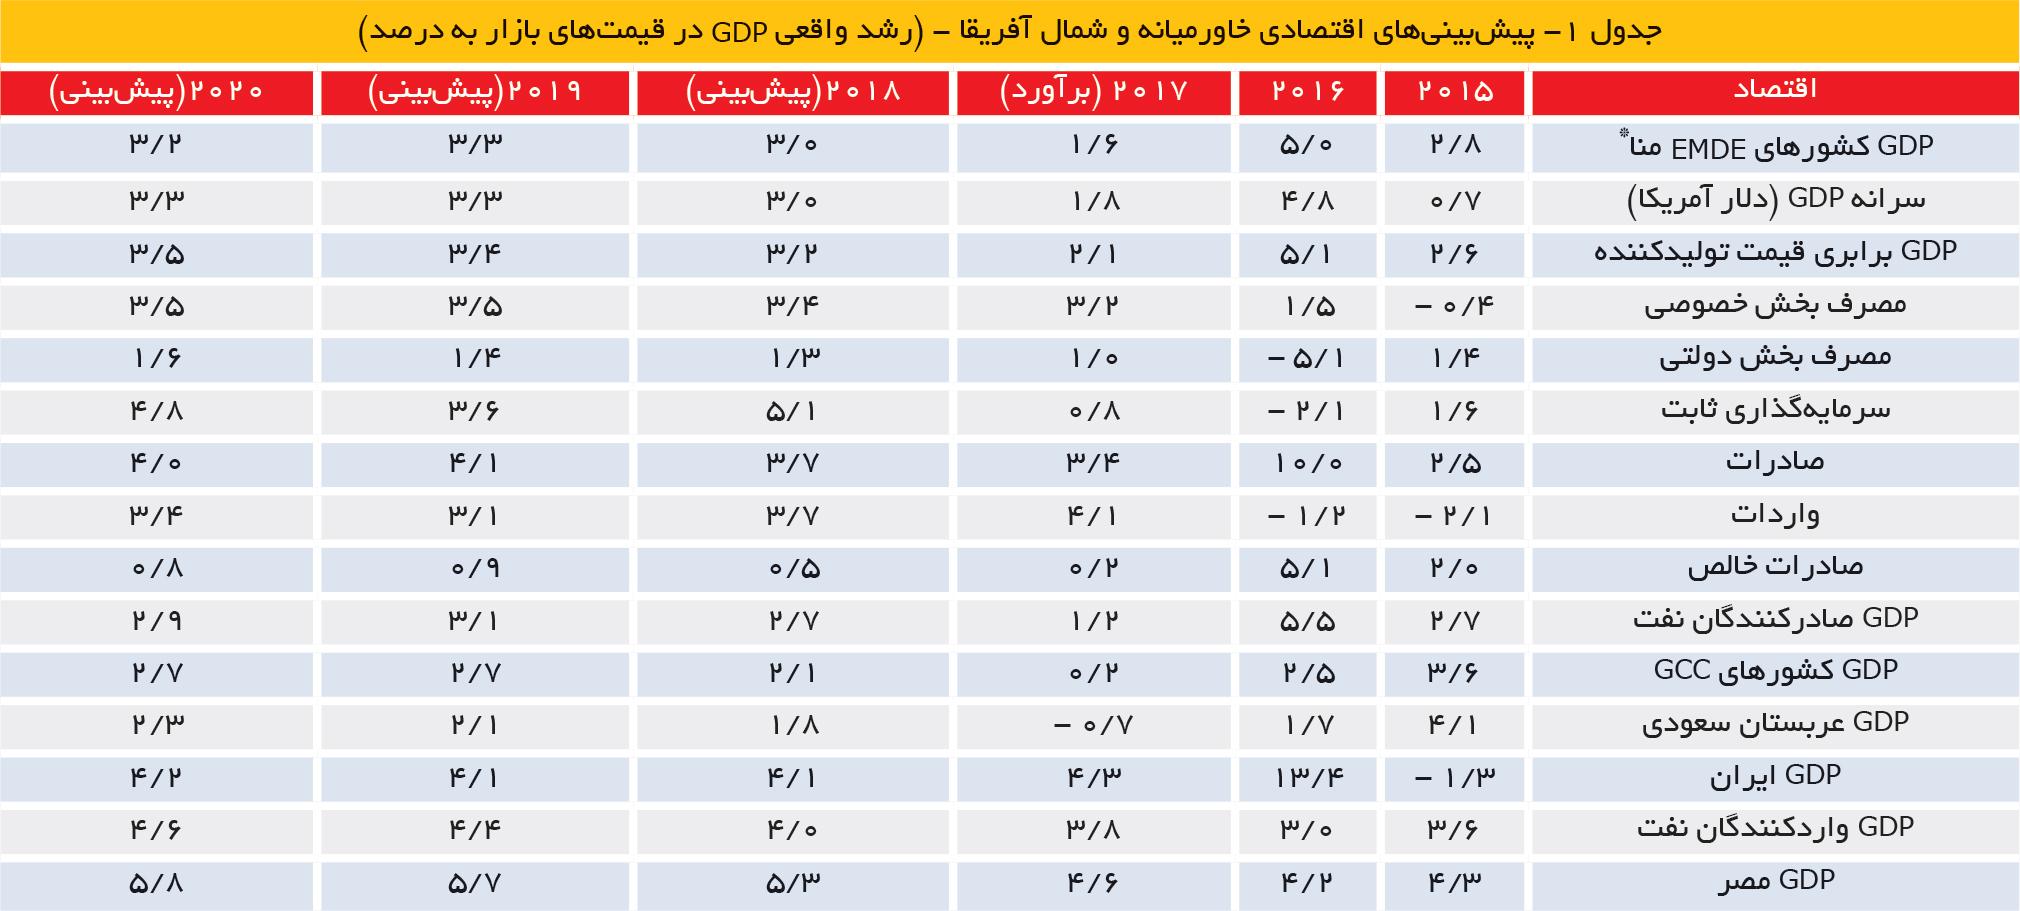 تجارت- فردا- جدول 1- پیشبینیهای اقتصادی خاورمیانه و شمال آفریقا - (رشد واقعی GDP در قیمتهای بازار به درصد)